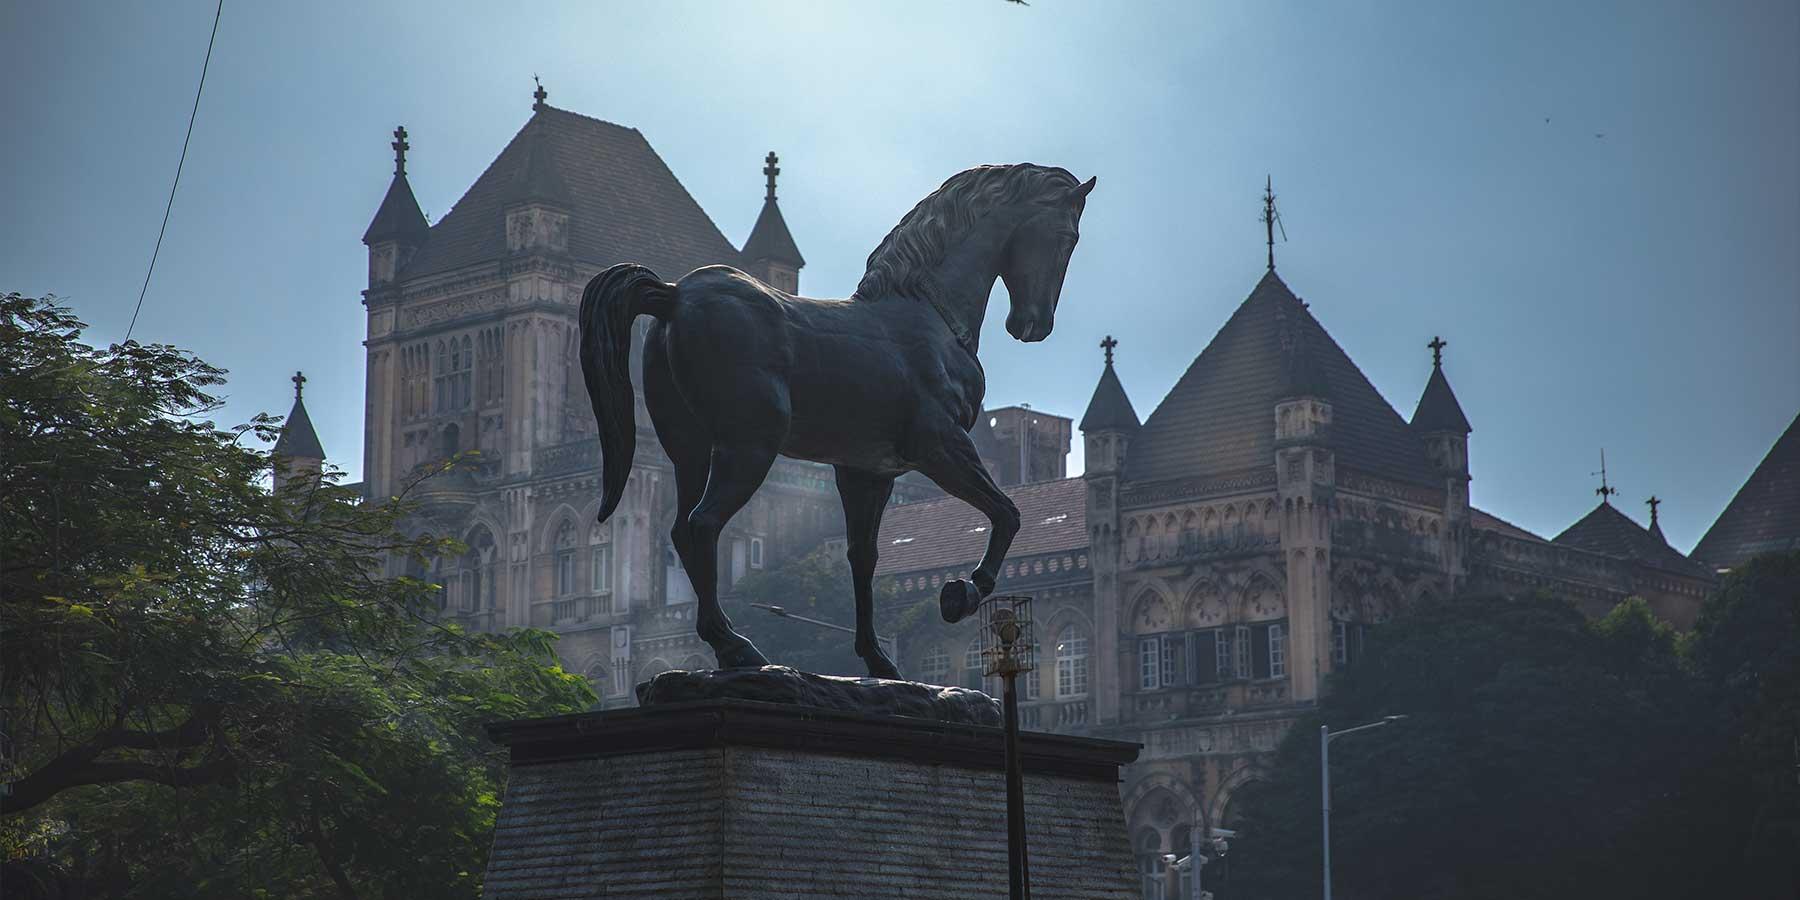 Yudhisthir's horse